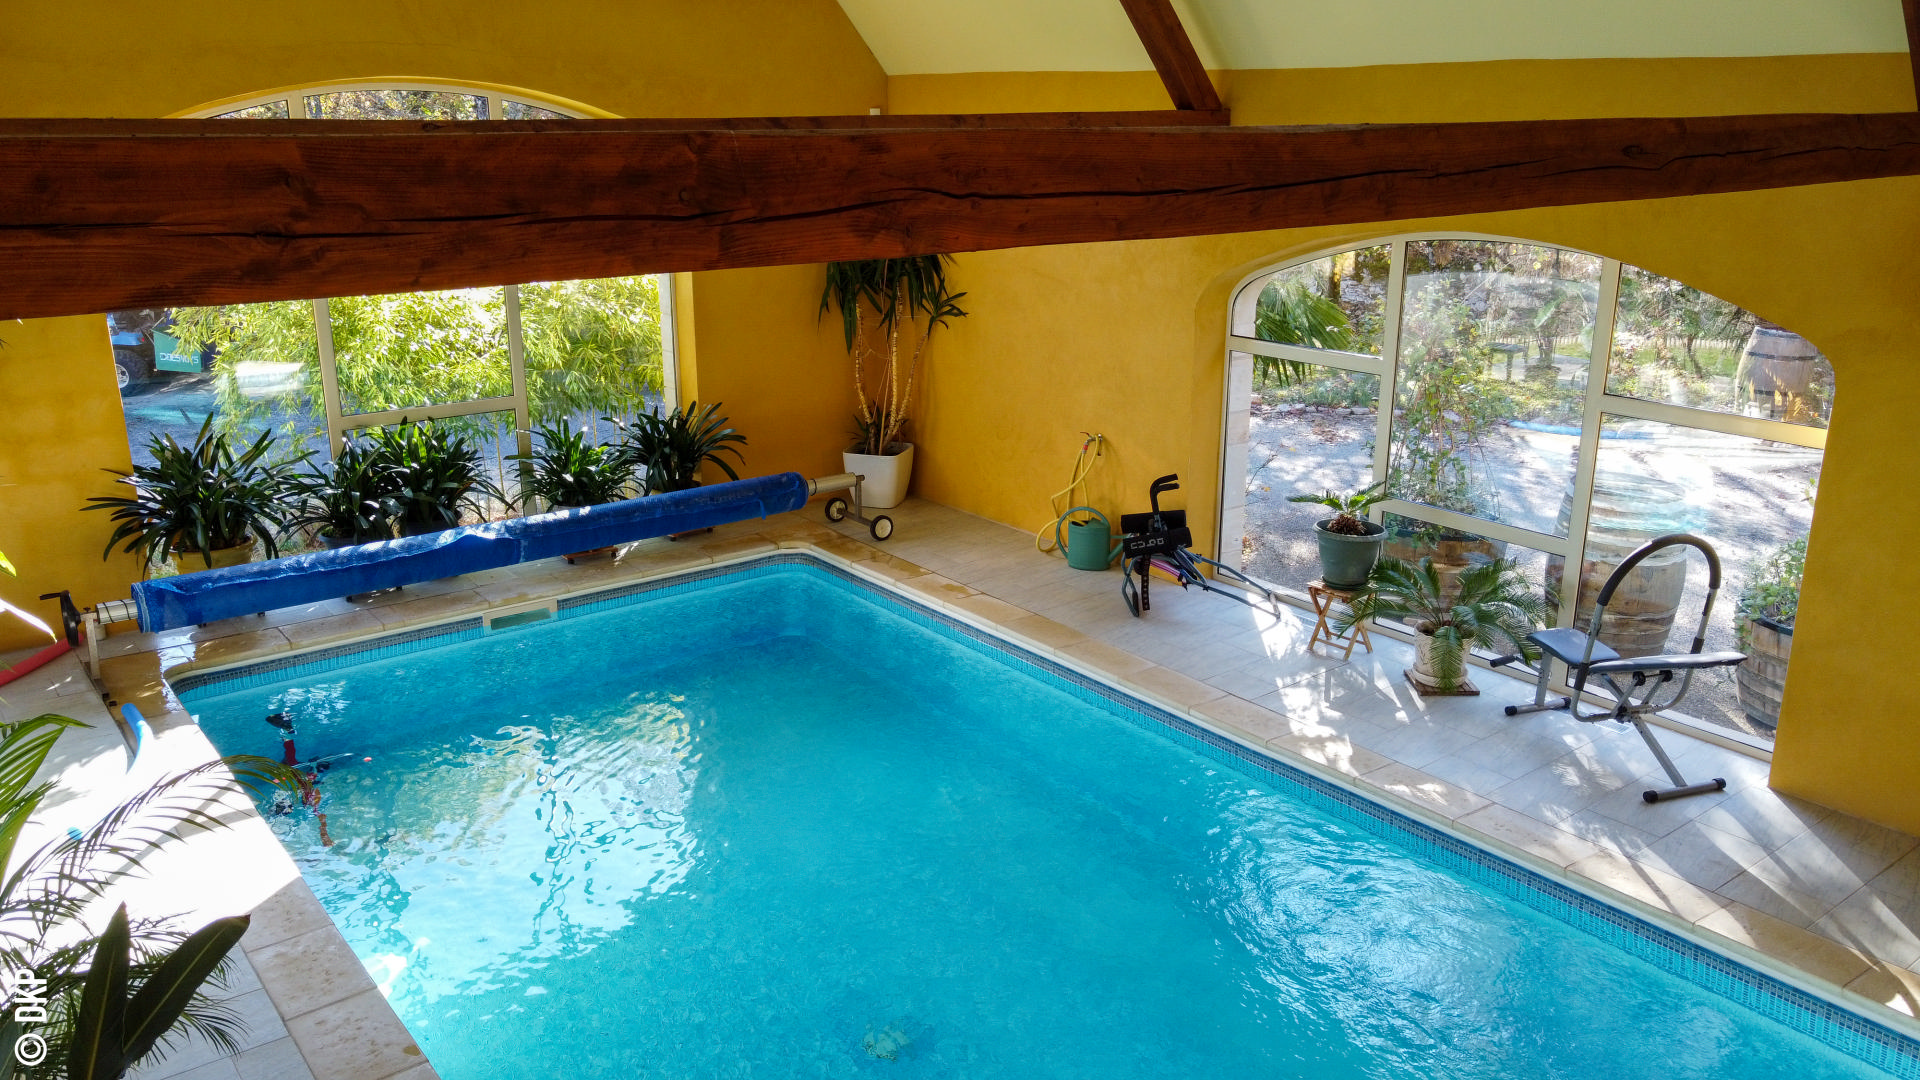 Secteur CAHORS - Situation indépendante et calme pour cette belle et spacieuse propriété de standing avec piscine intégrée sur 5ha37 boisés